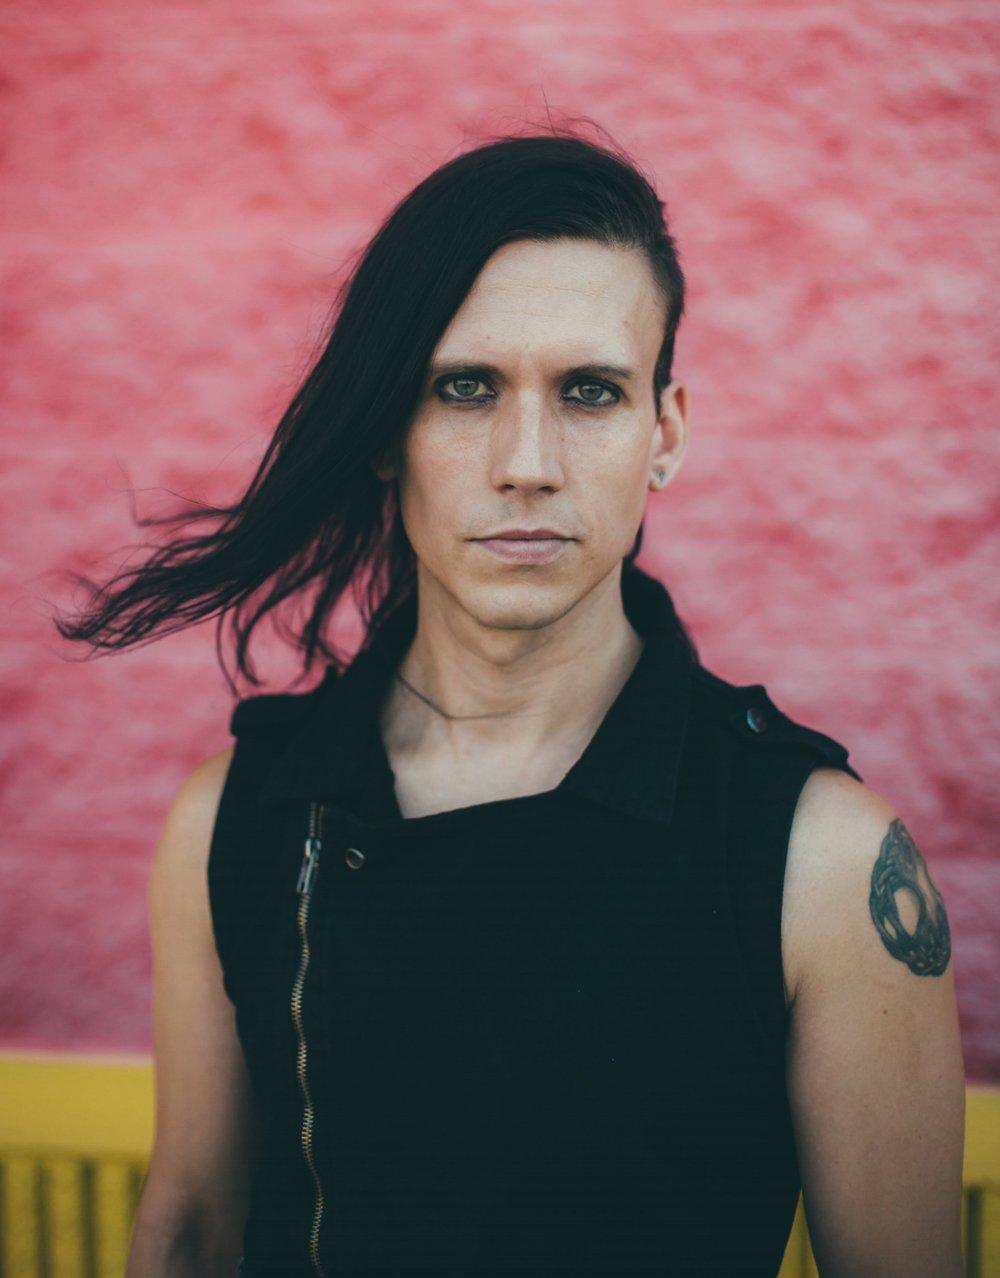 Jacob Richter, vocals & synths